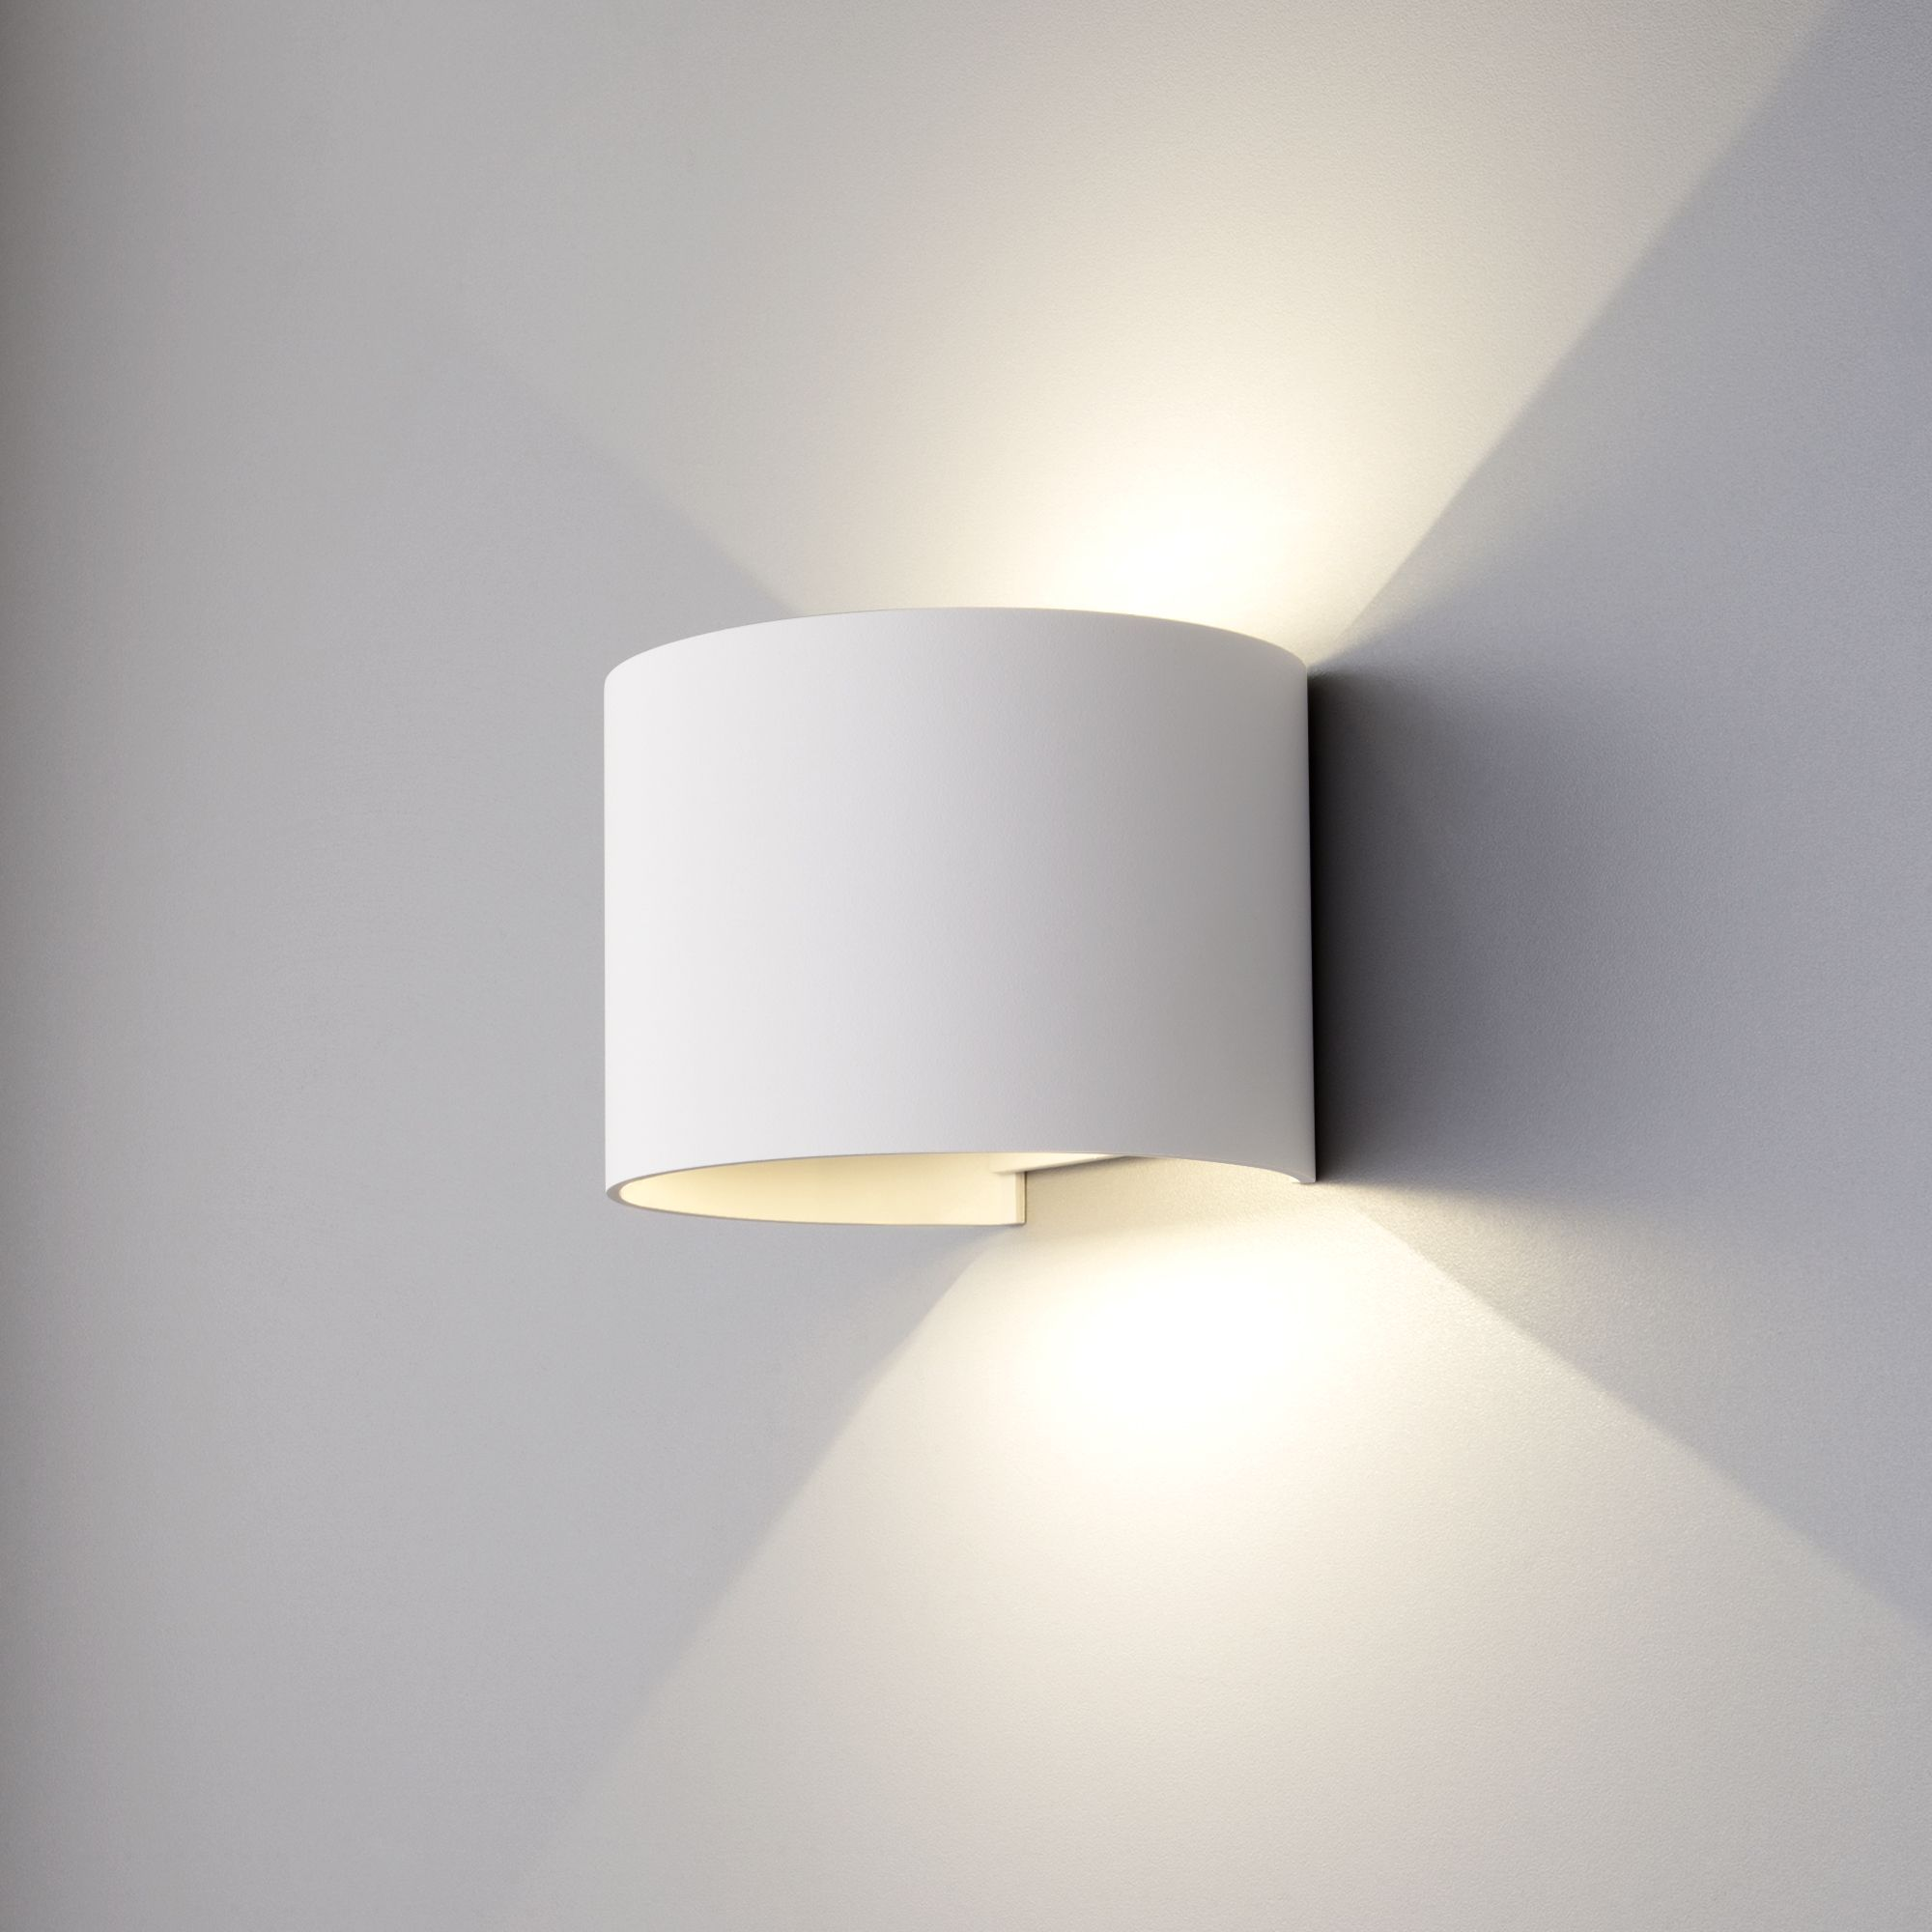 Пылевлагозащи<wbr>щенный светодиодный светильник Blade белый IP54 1518 Techno LED белый